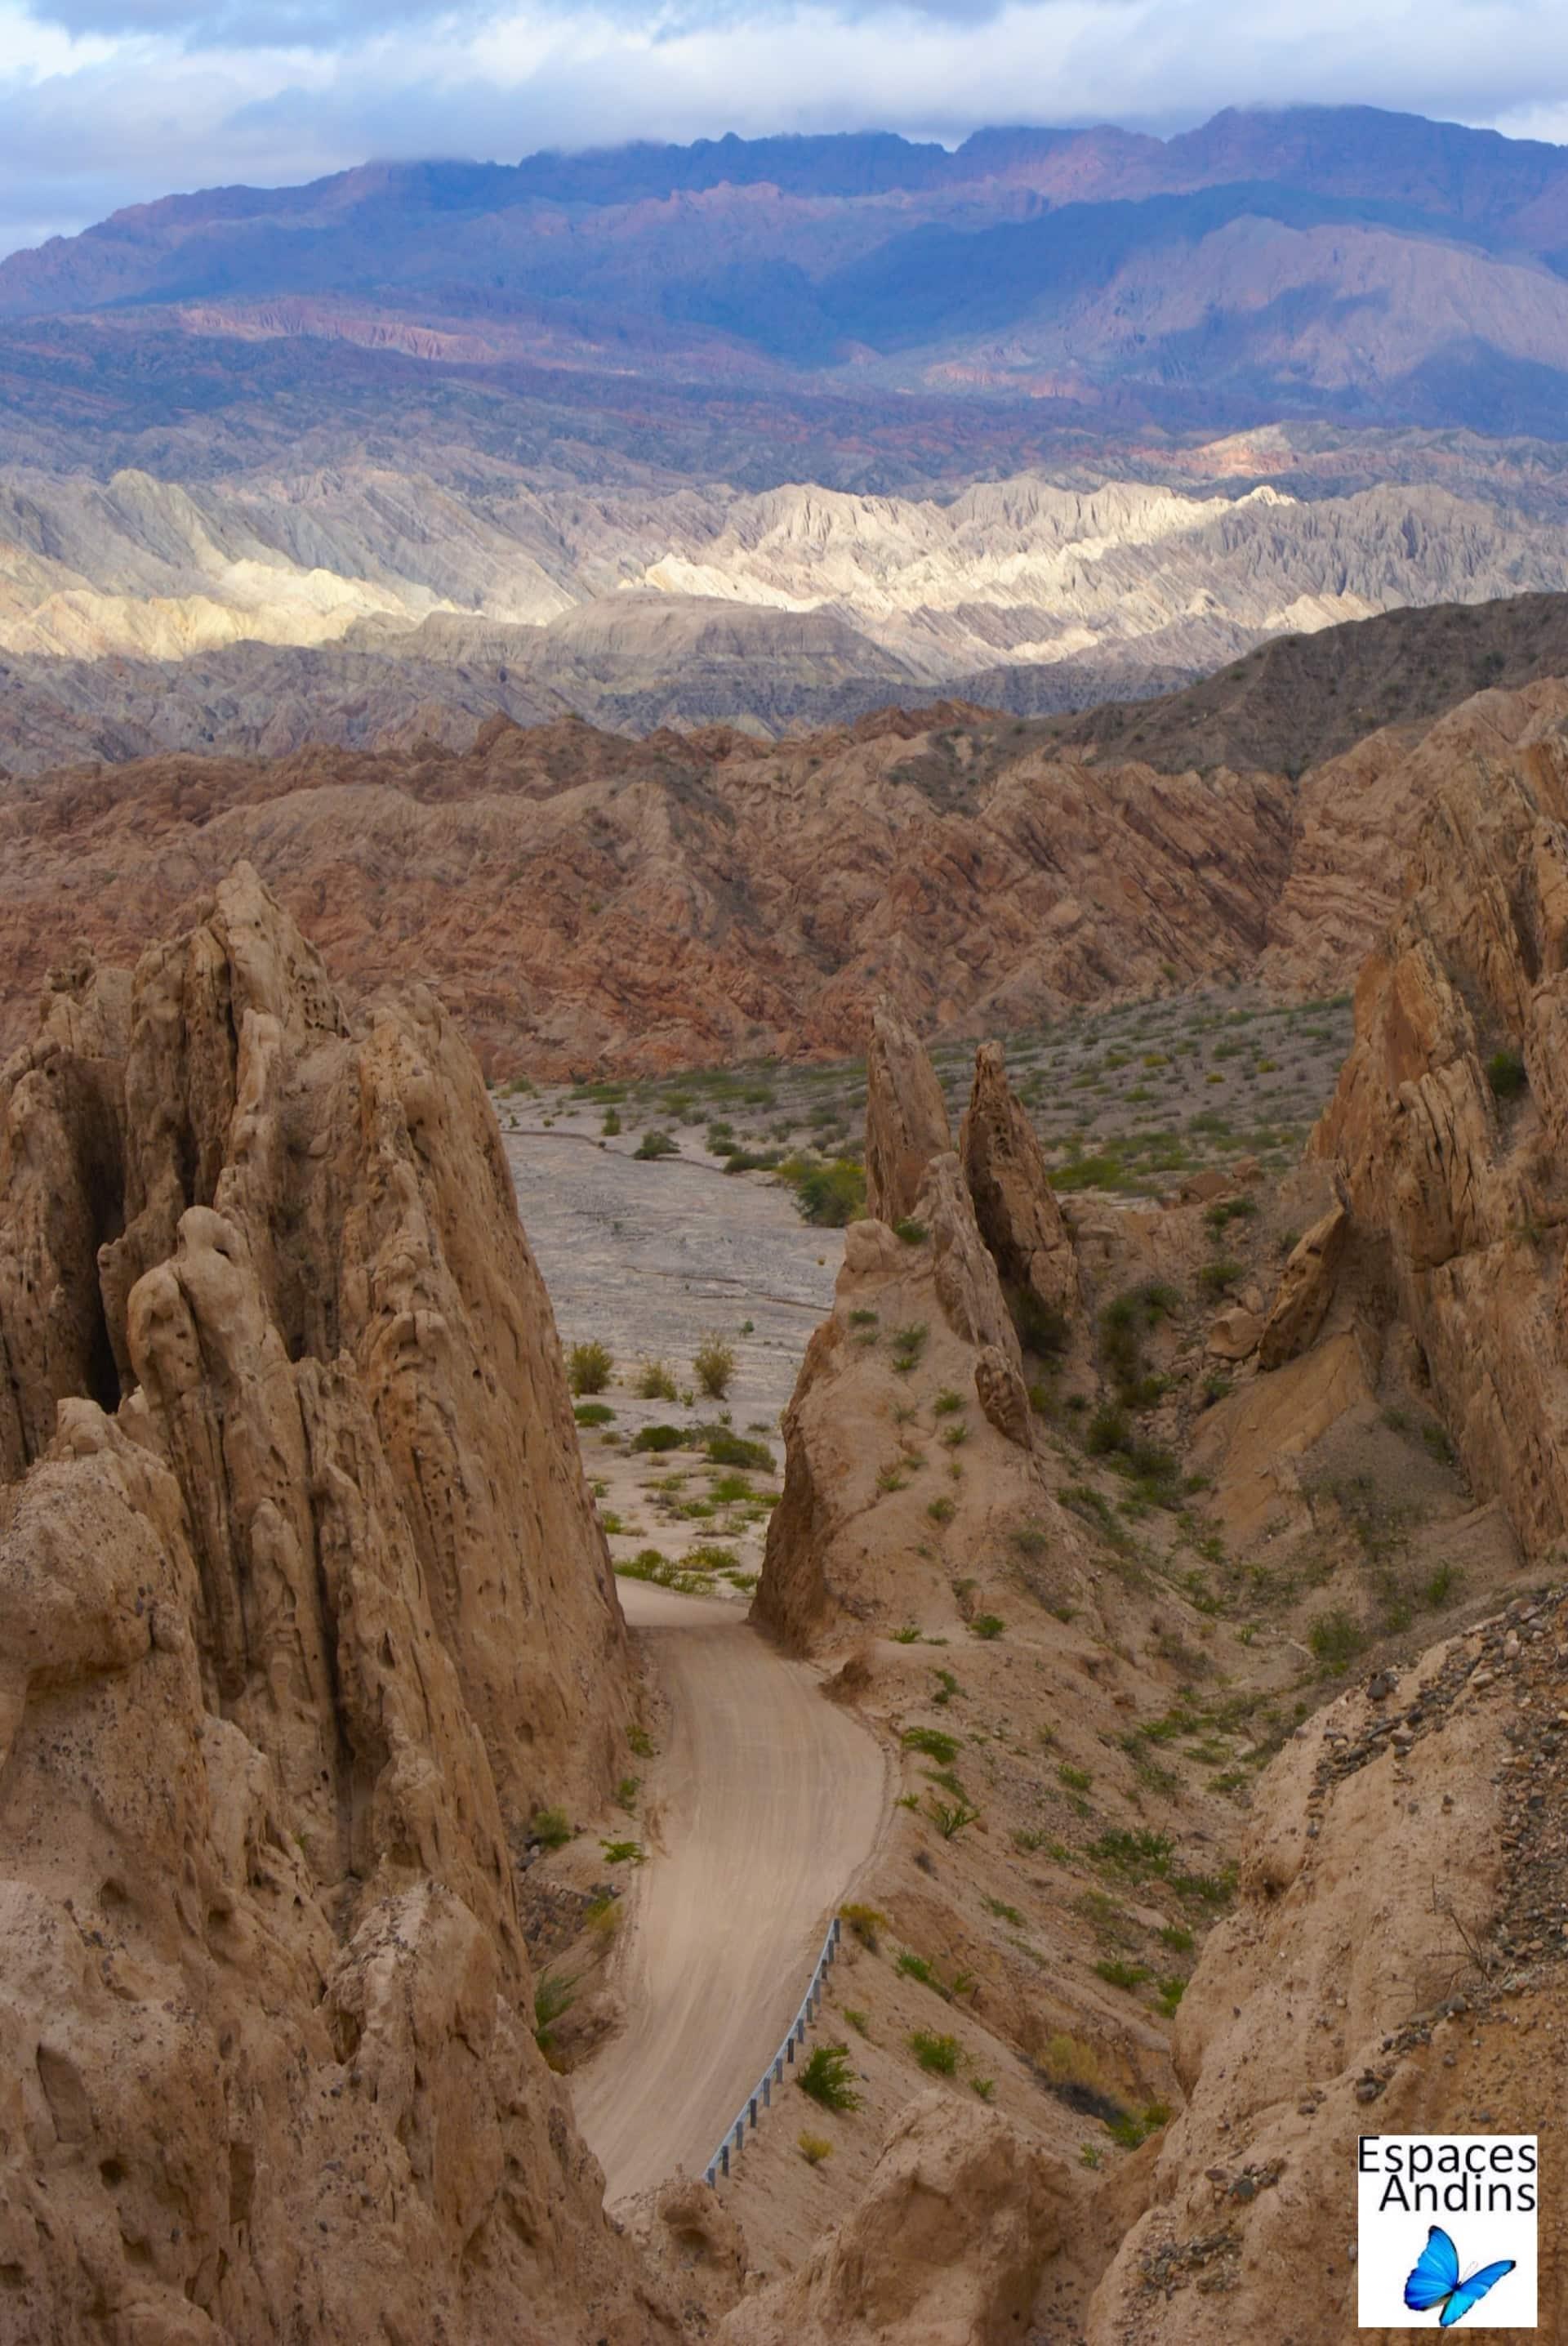 La Quebrada de las Flechas / Photo : Espaces andins